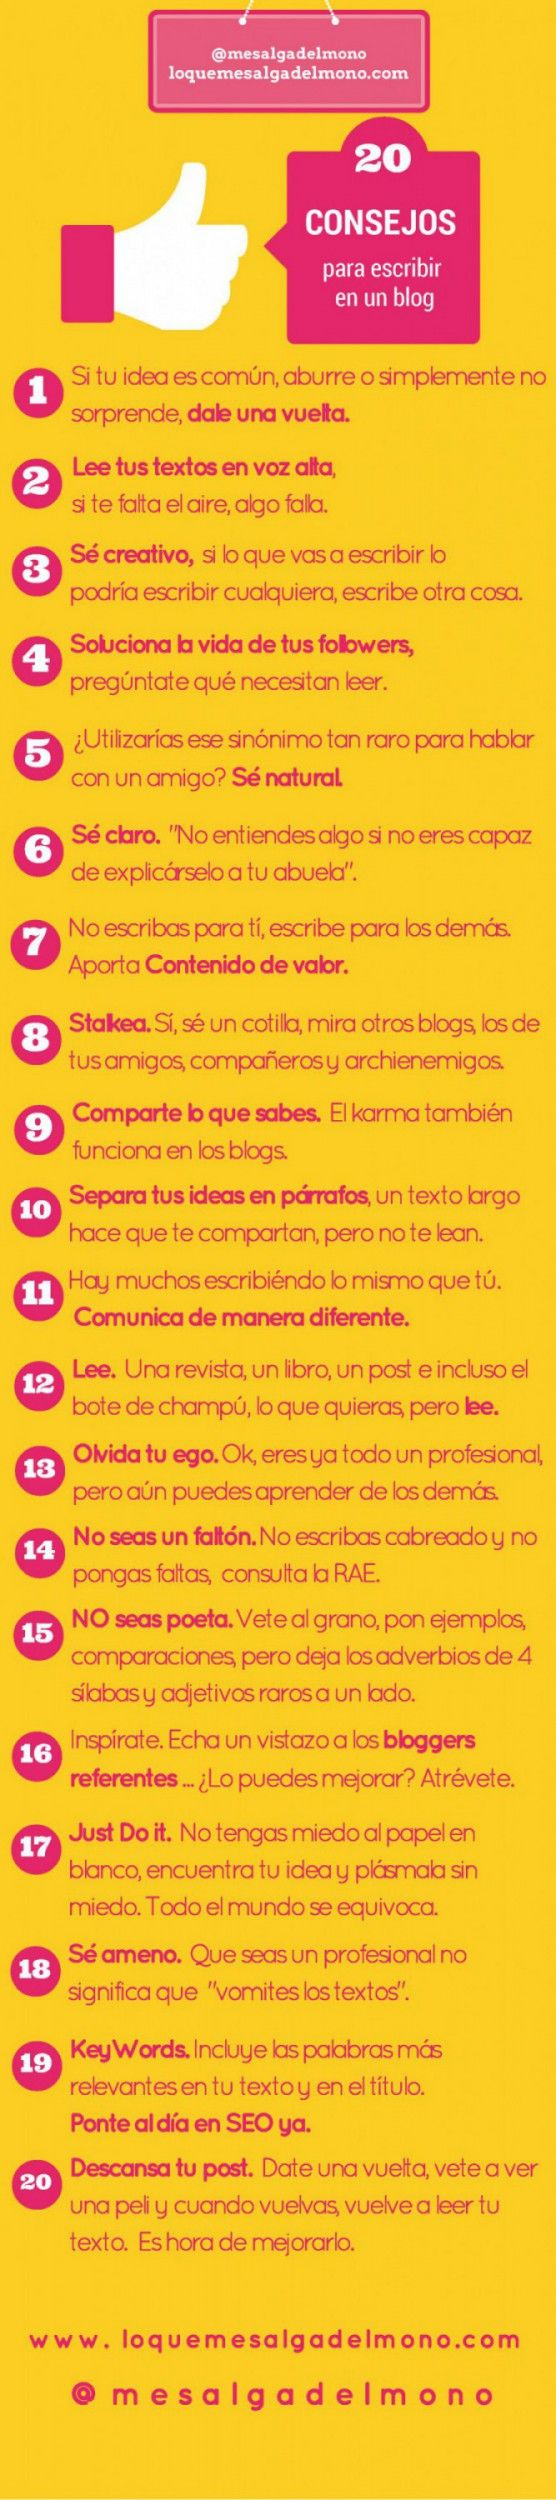 #Infografía: 20 consejos para escribir en un blog